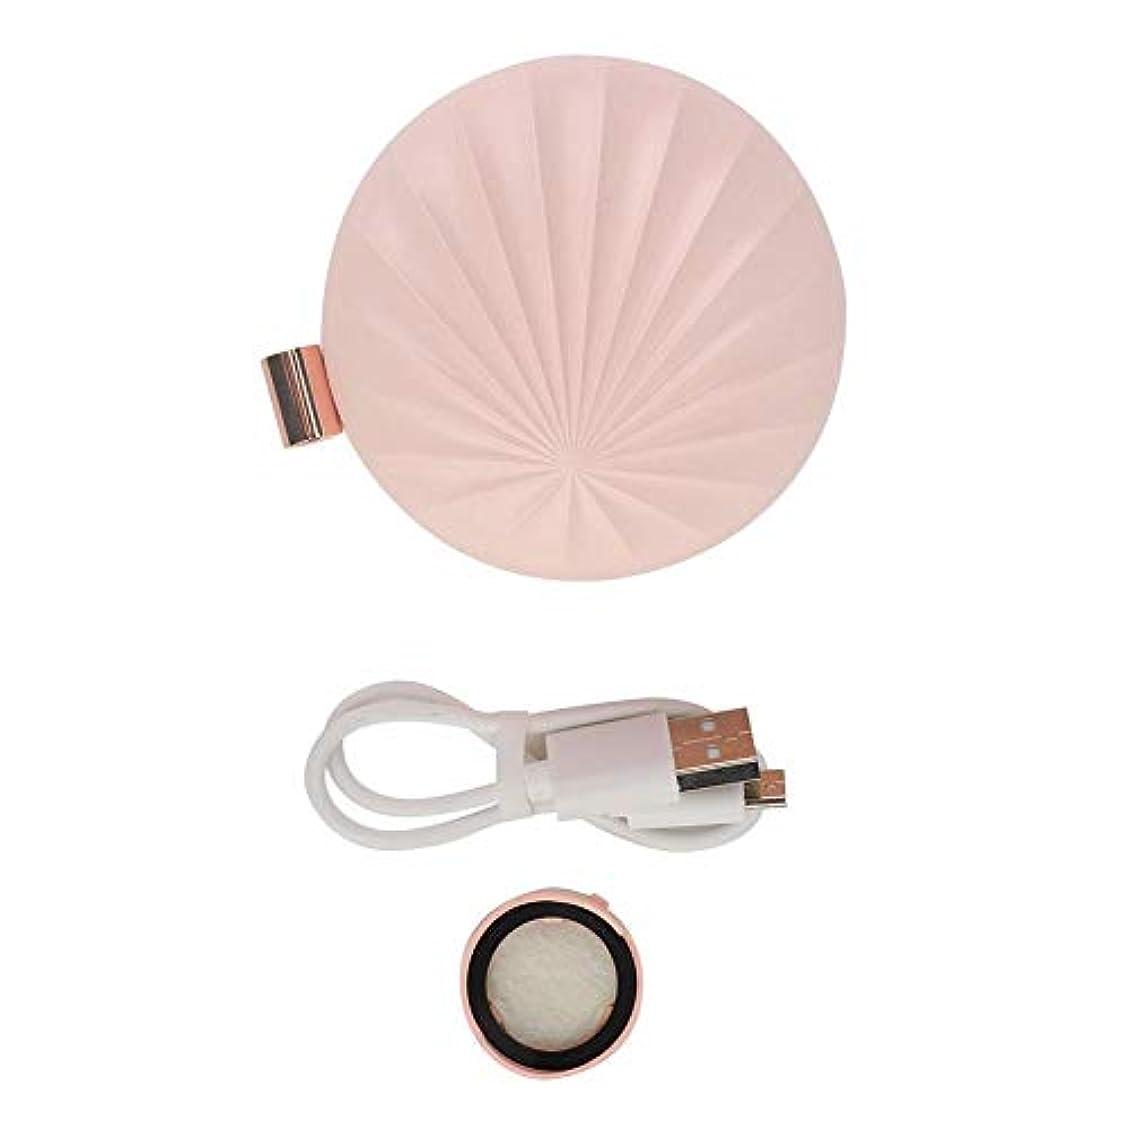 シネウィ解放する取得するホームディフューザー、ポータブルアロマディフューザーエッセンシャルオイル香水ディフューザーアロマセラピーカーホームオフィス装飾 (ピンク)